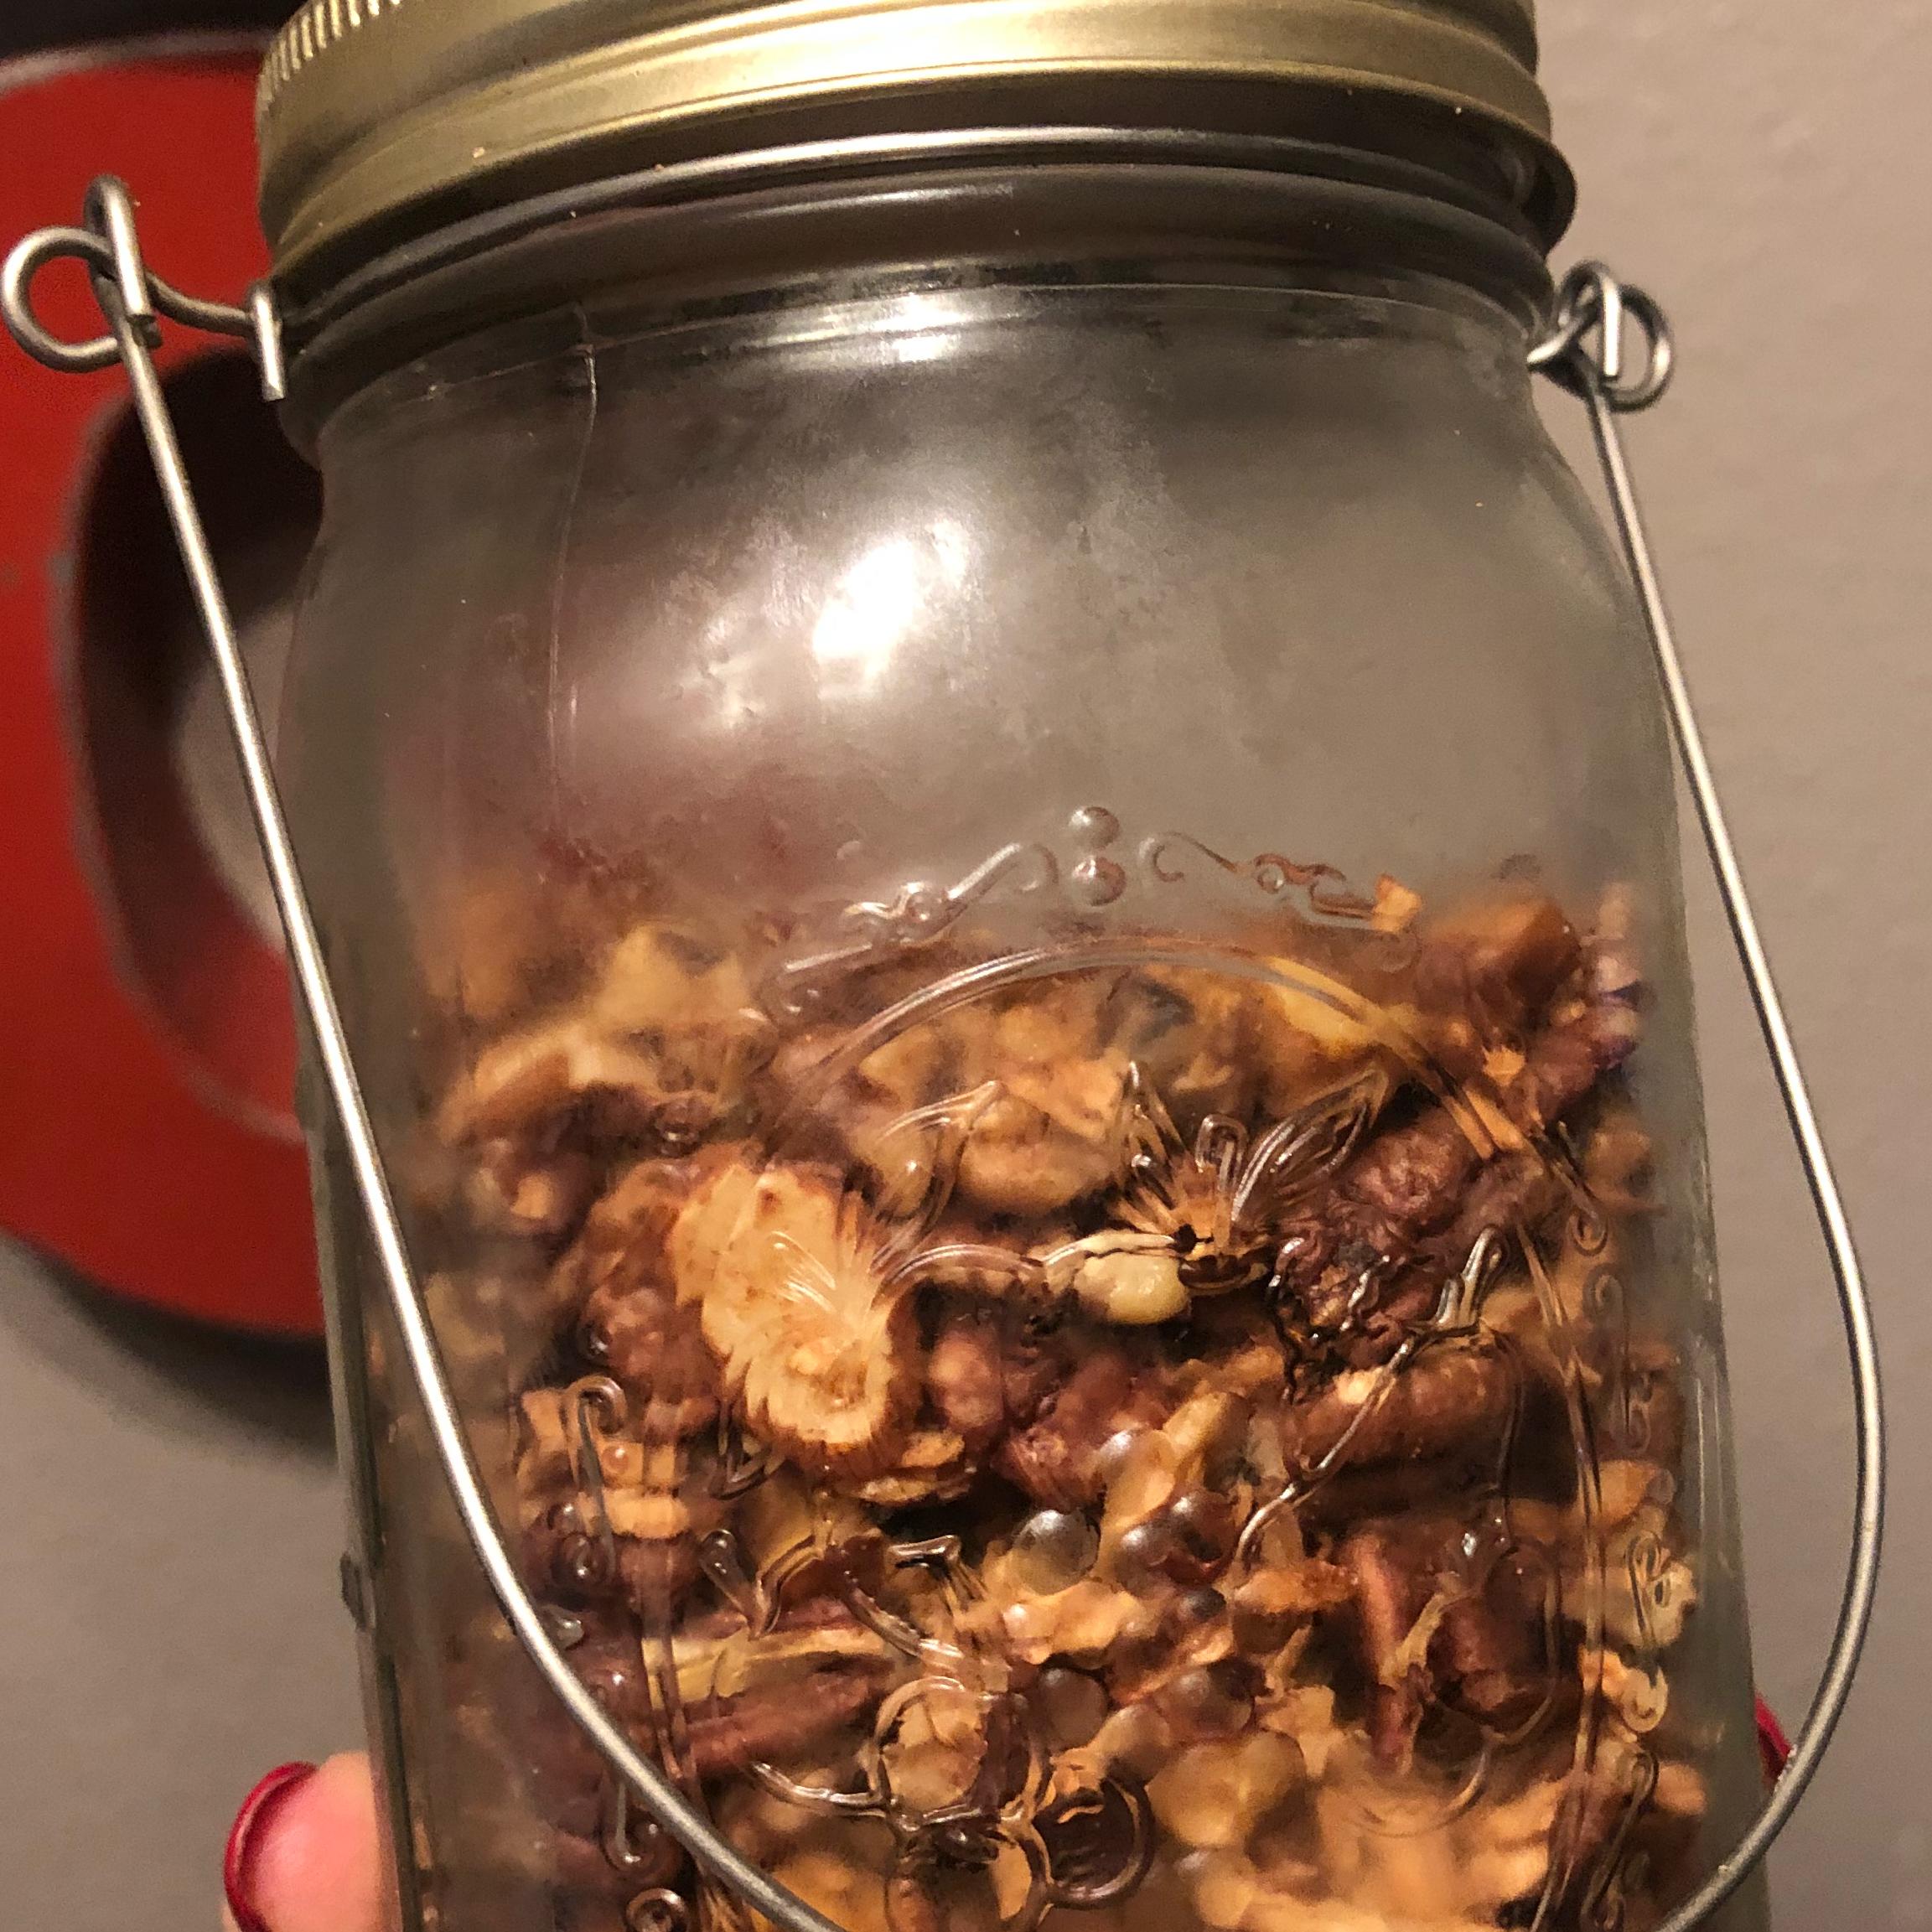 Keto Cinnamon Granola Darla Henson Grimm